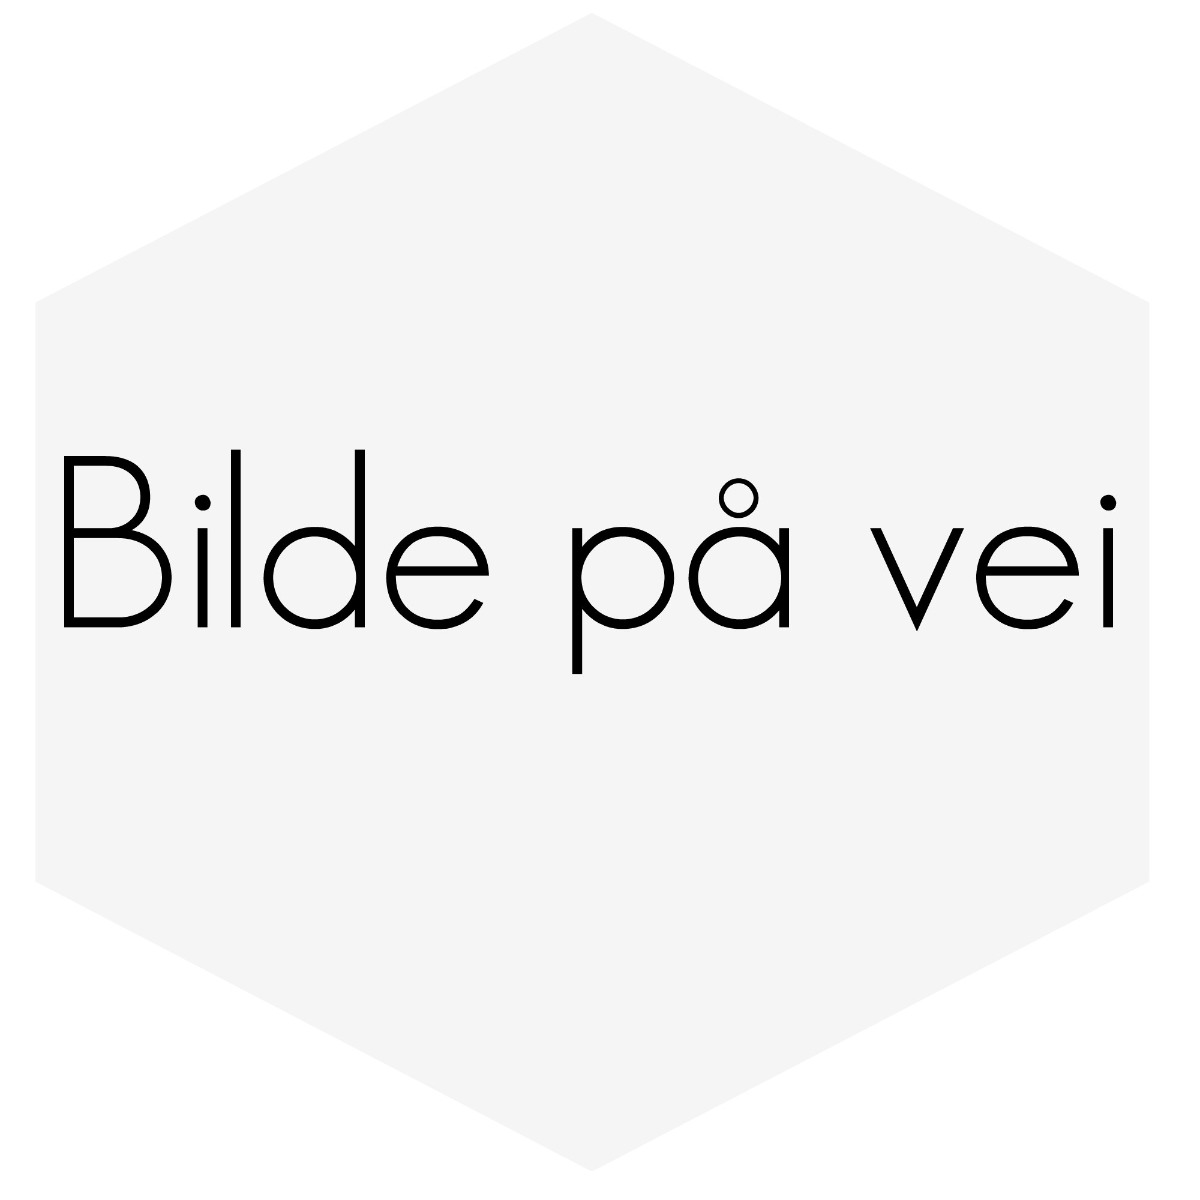 VERKTØY TIL MONTERING AV MANSJETTER PÅ BLA DRIVAKSLER